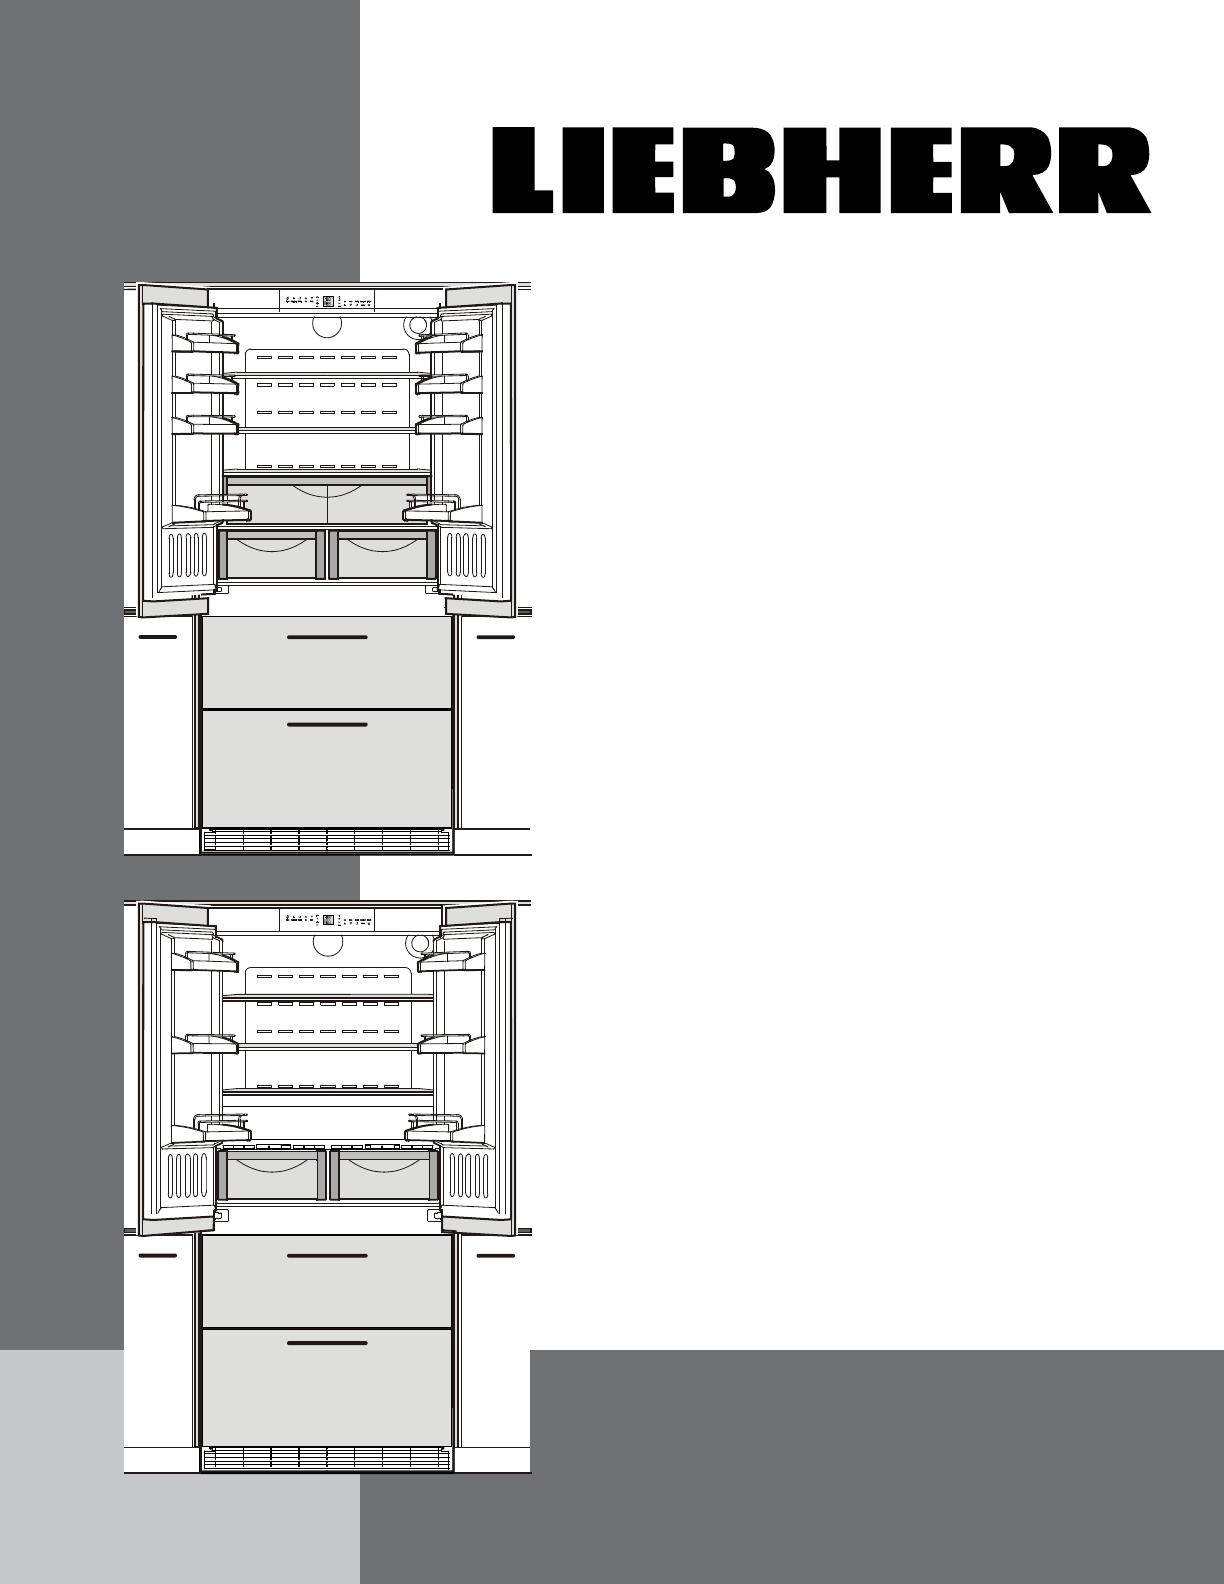 liebherr refrigerator hcb 2062 user guide manualsonline com rh tv manualsonline com Liebherr Column Appliances Liebert Appliances